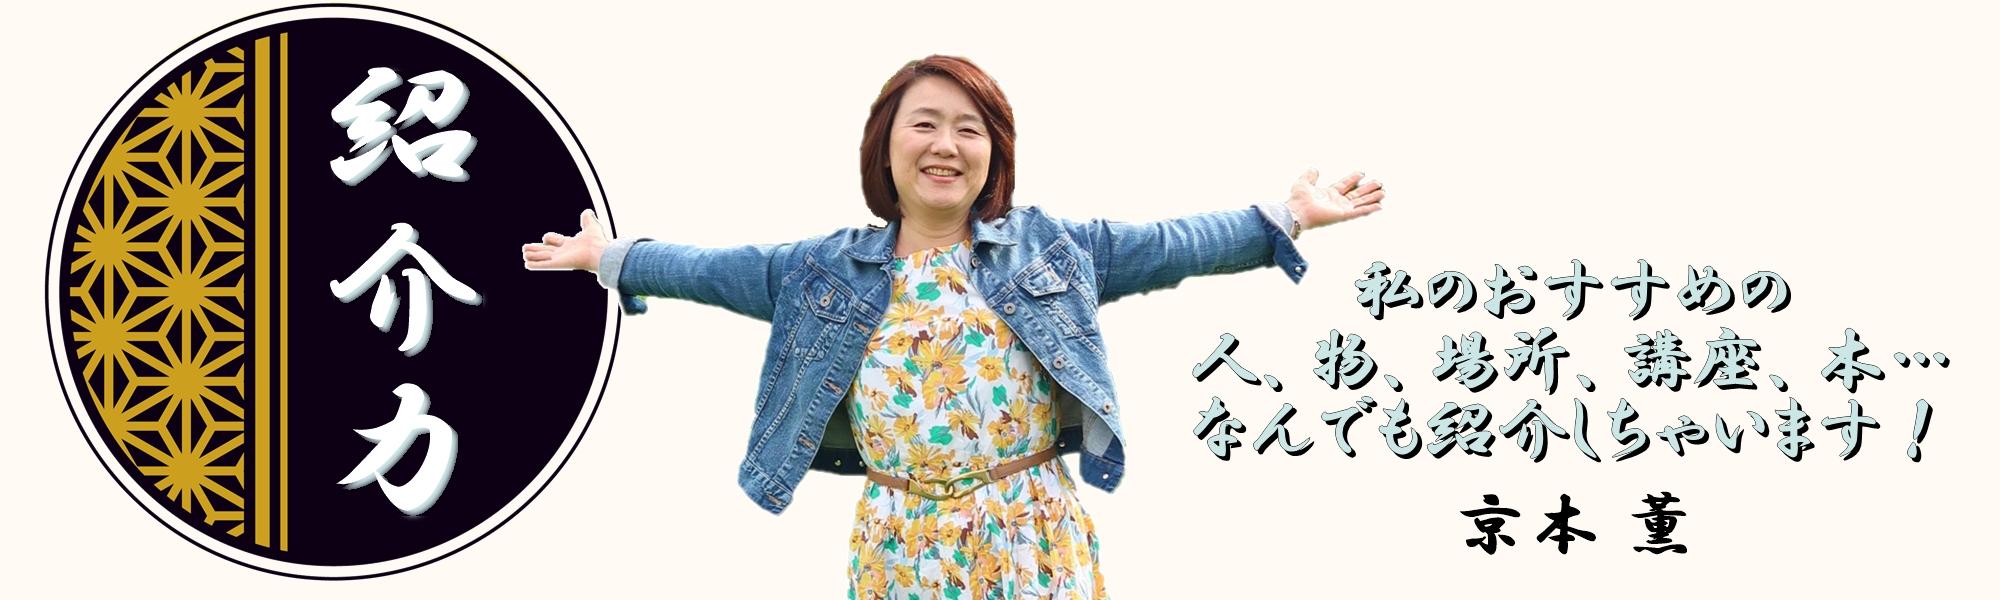 紹介力 強みからはじめるおひとり起業(奈良、大阪、京都、兵庫)